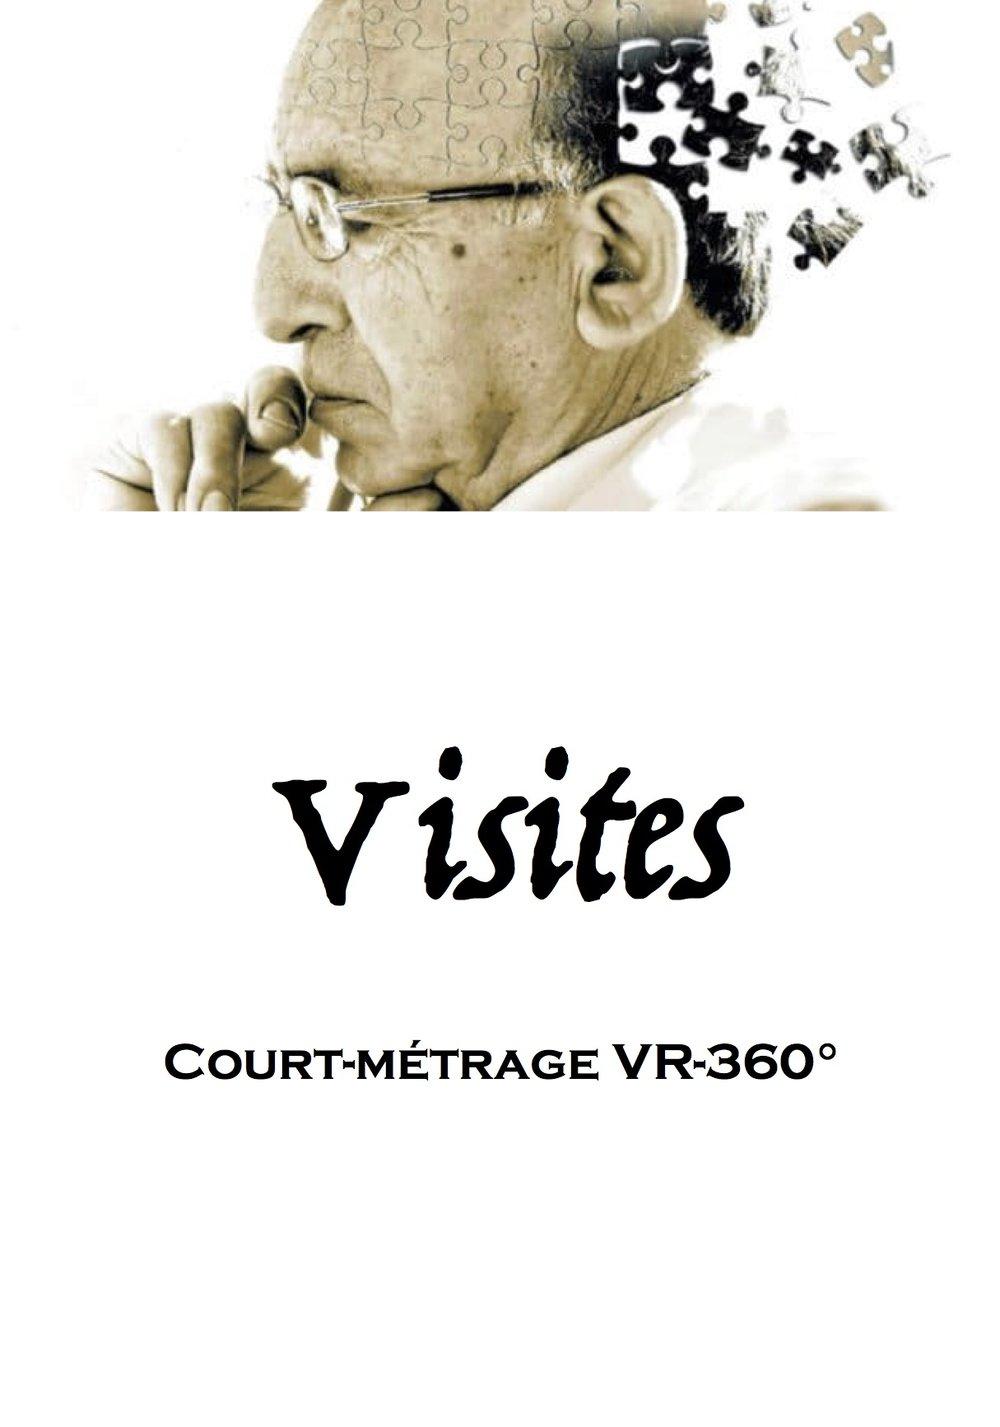 VISITES   - en recherche de production -  écrit par   le Collectif Narra   (directeur d'écriture :  Martin Fournier )  court-métrage VR-360° - 15'  sélectionné par la Maison des scénaristes au Satis Screen4All 2018